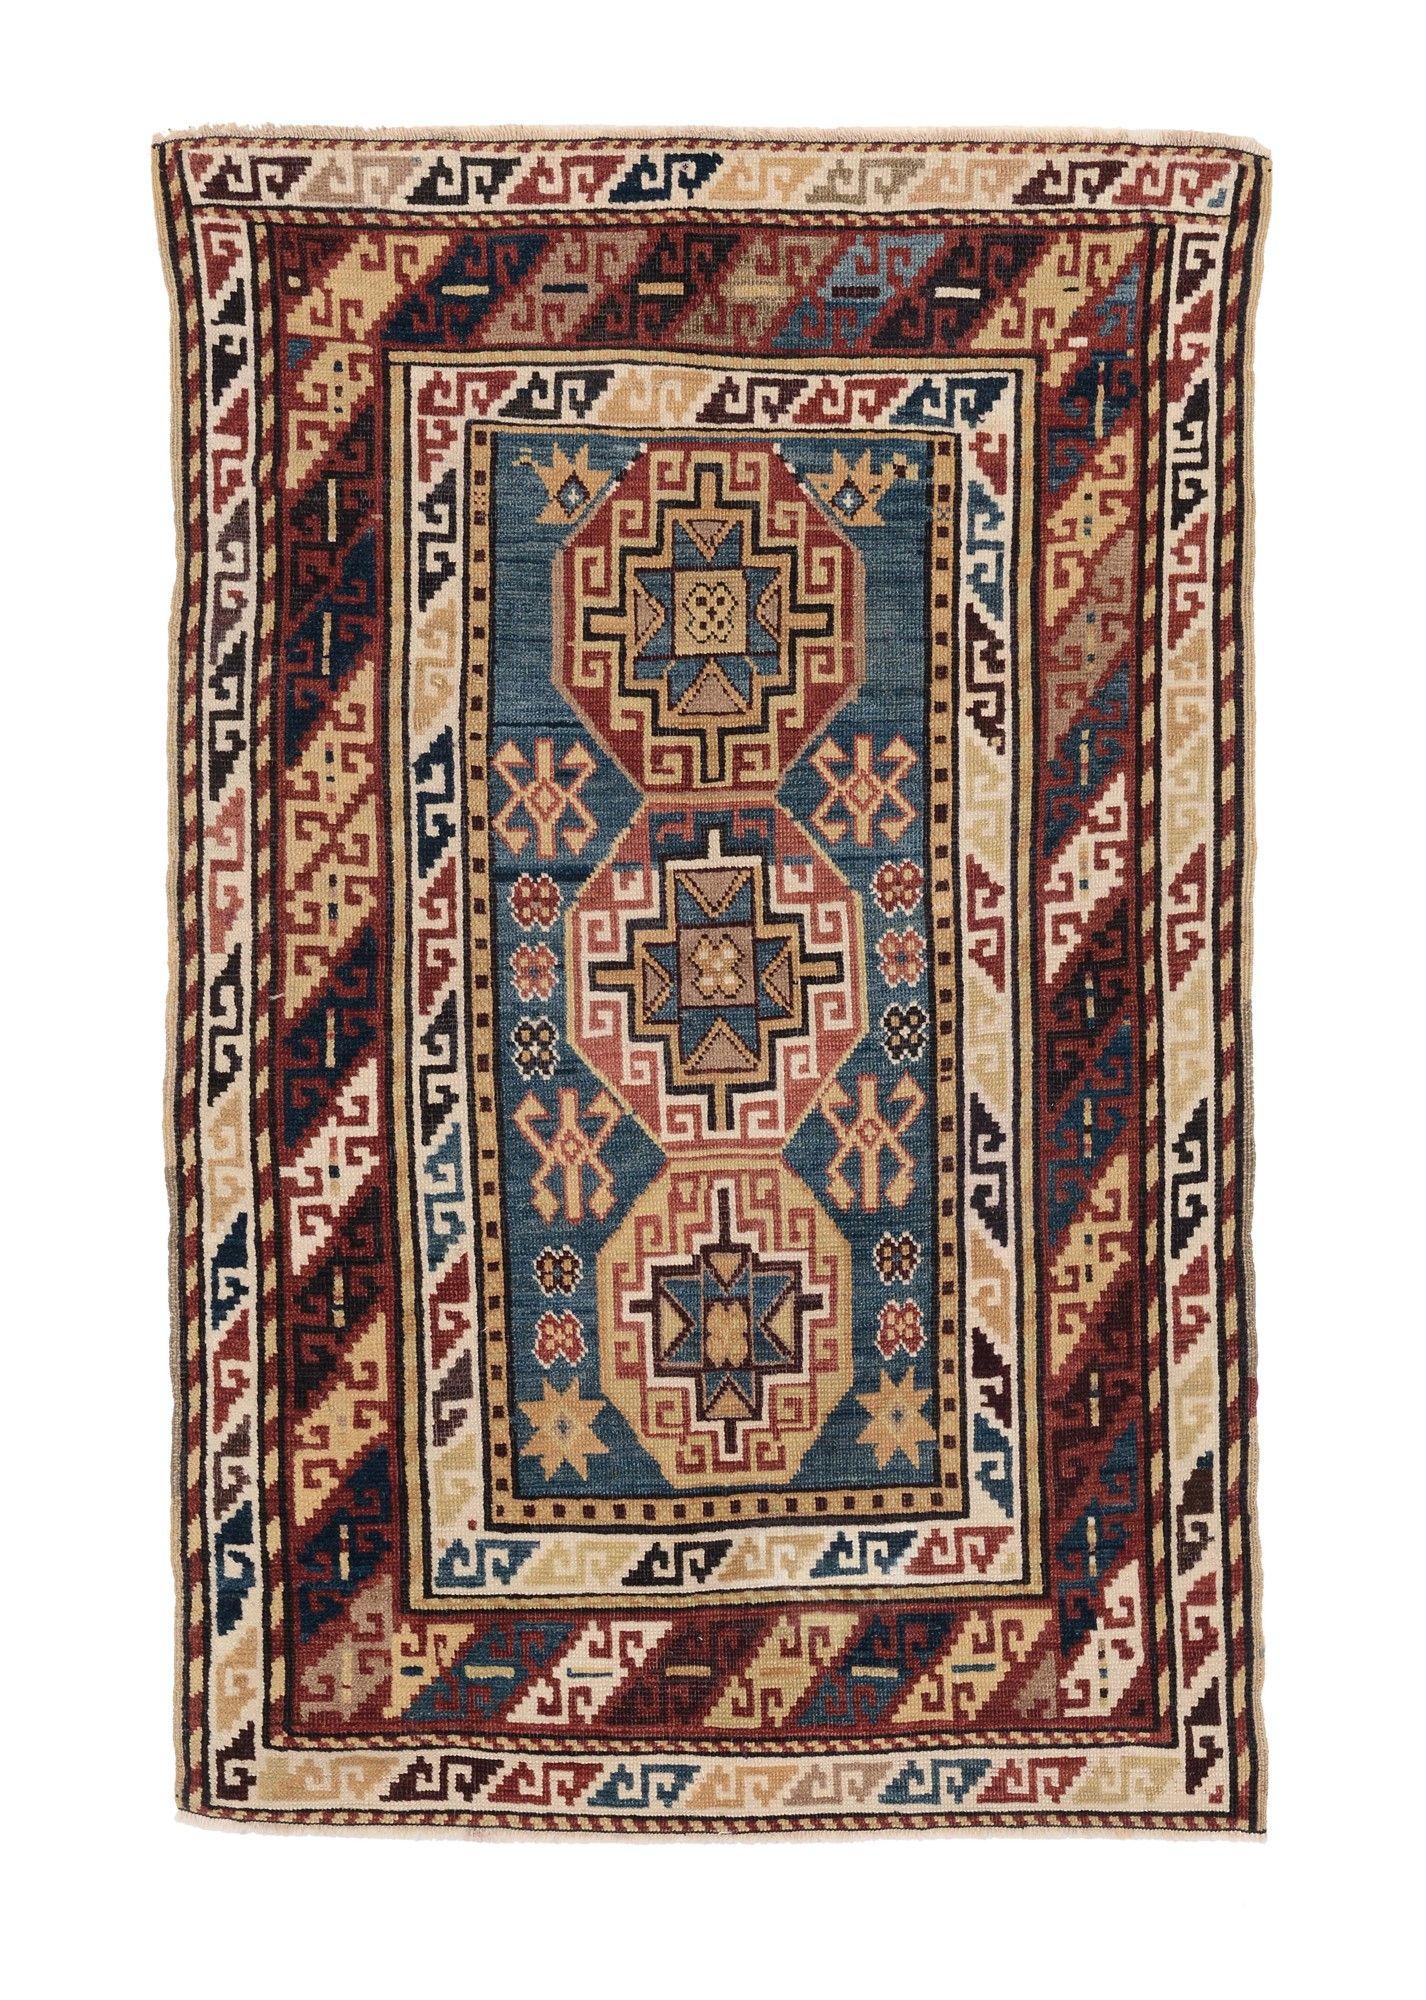 Tappeto caucasico Kasak fine XIX secolo, from cambi casa d'este